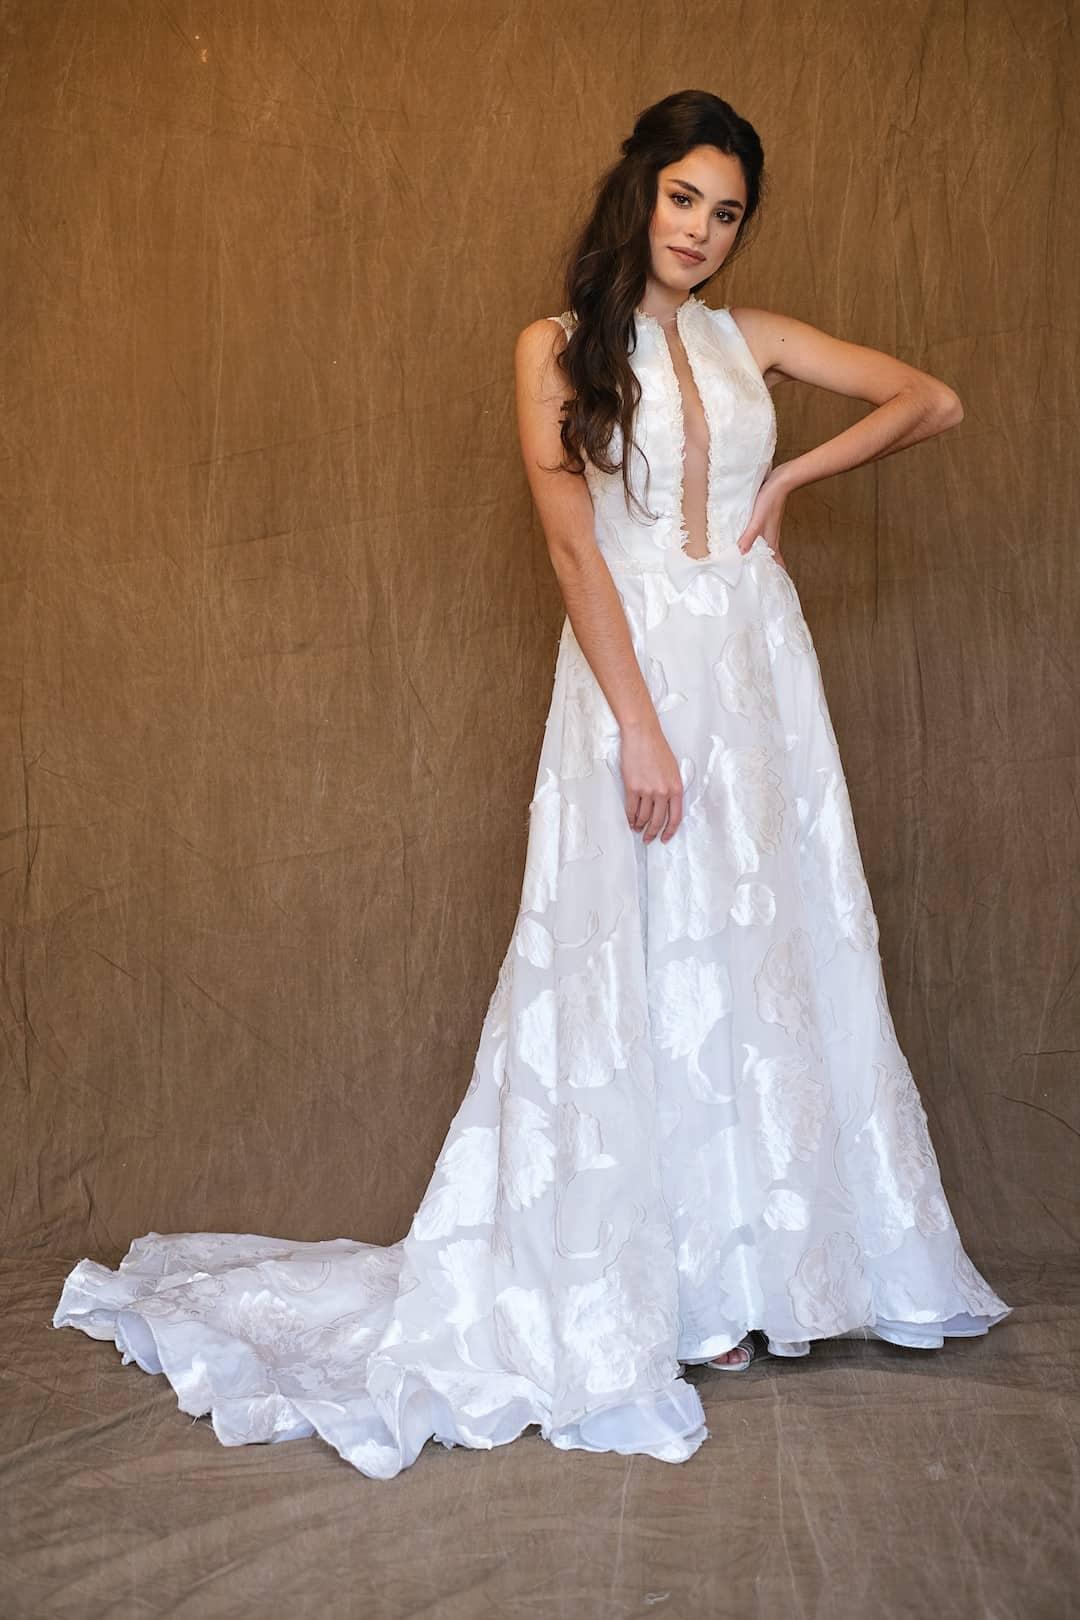 Bohémske svadobné šaty - Inmaculada Garcia - Chie - front